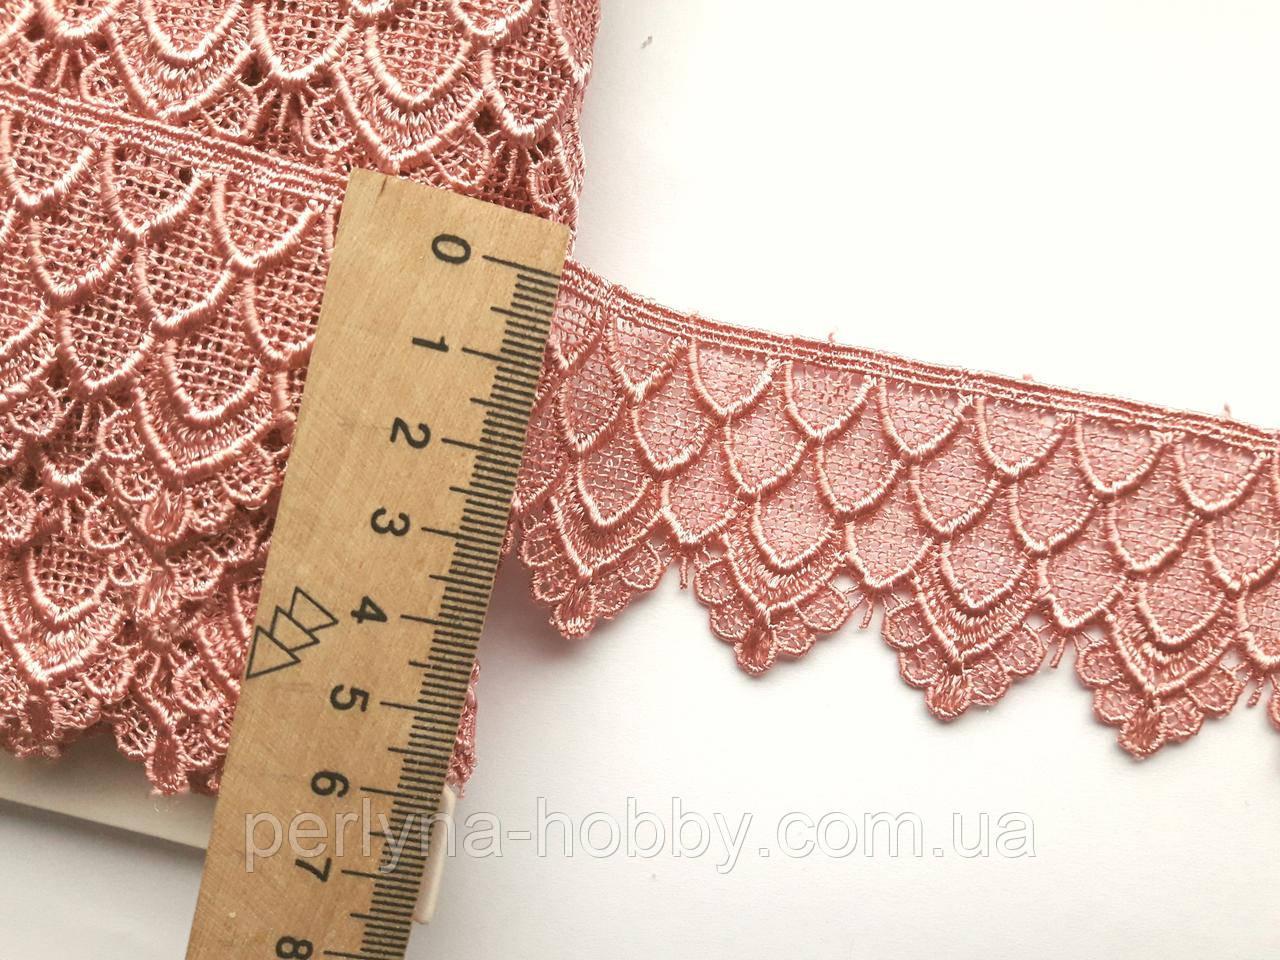 Мереживо кружево макраме 4см.  Бежево-рожеве. Пакістан. Ціна за 1 метр